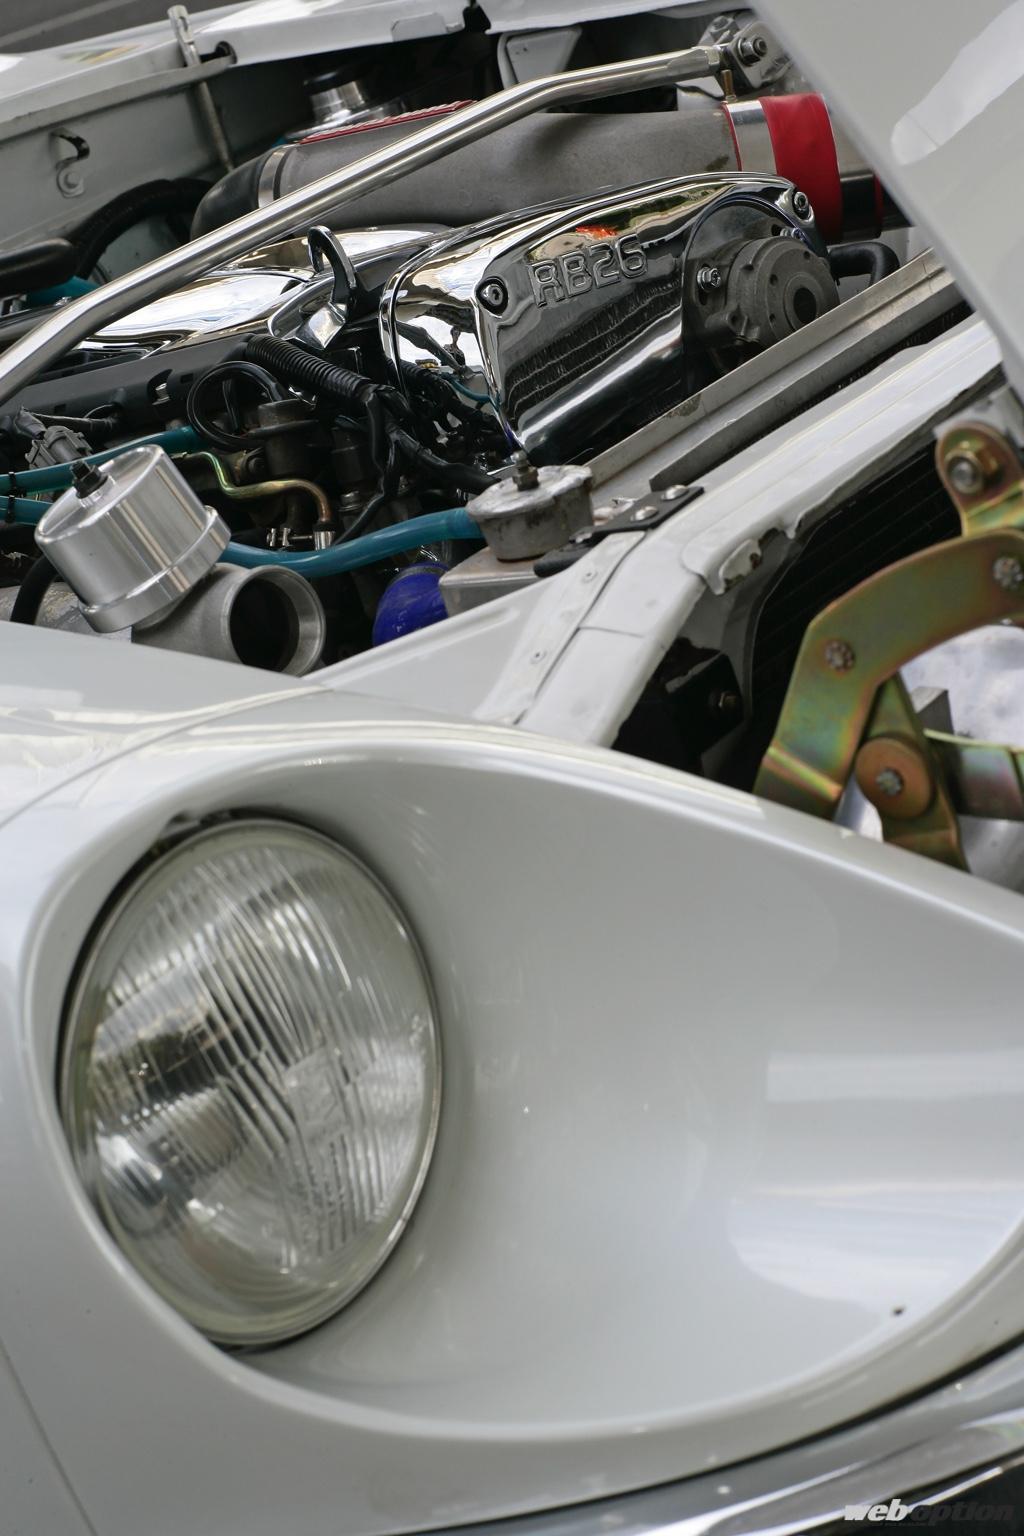 「「エンジンから内装までGT-R化したS30Zの衝撃!」これはサンマルの皮を被ったBCNR33だ!?」の8枚目の画像